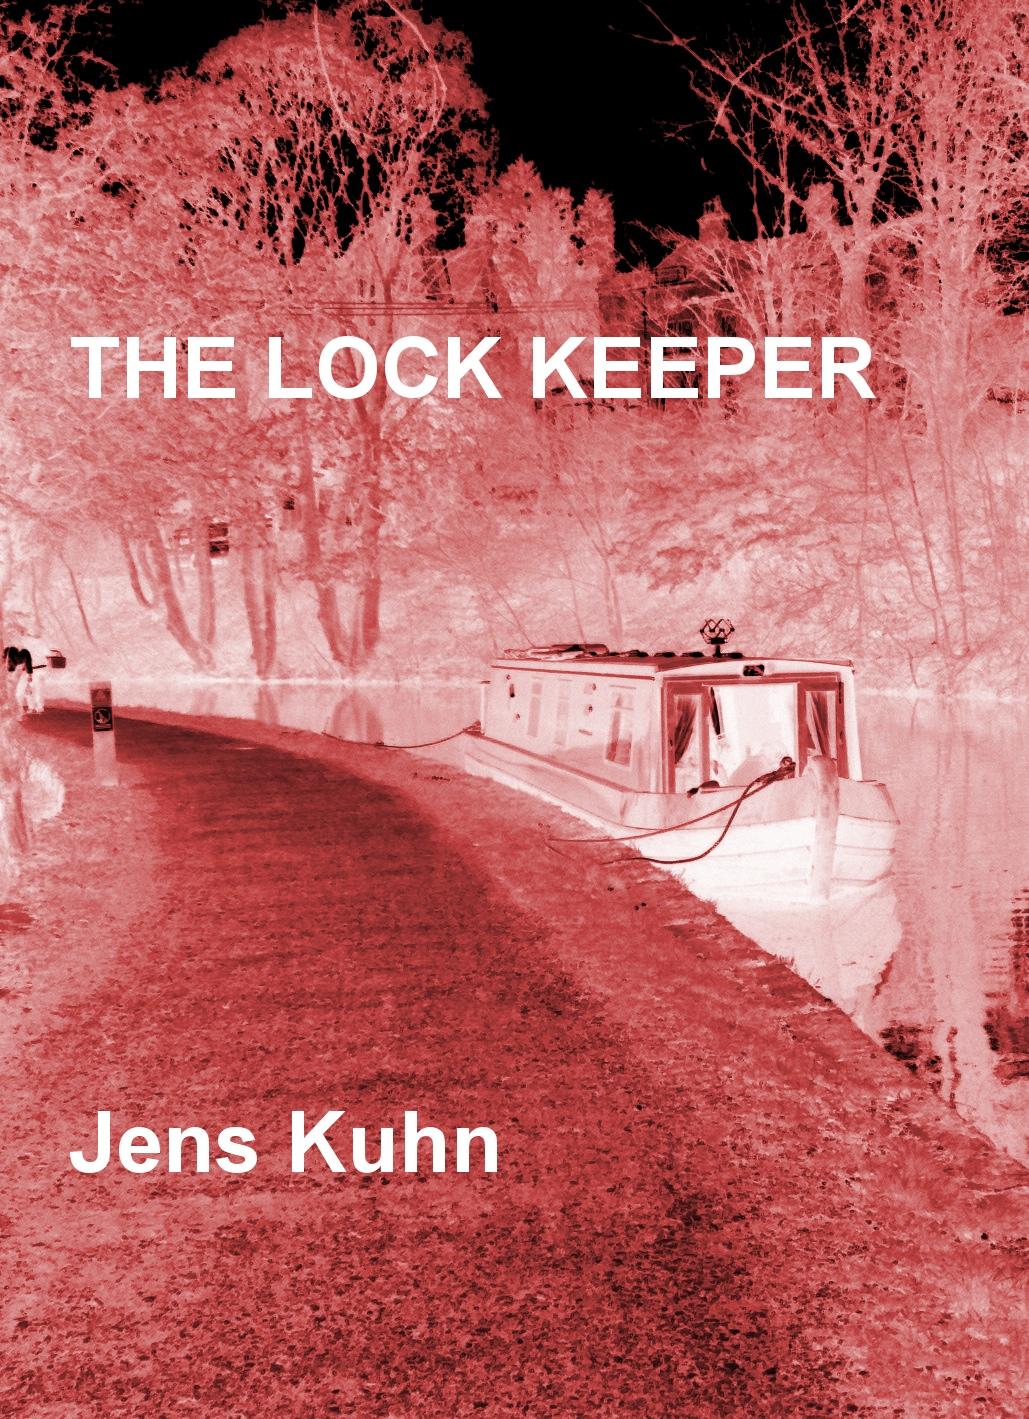 The Lock Keeper